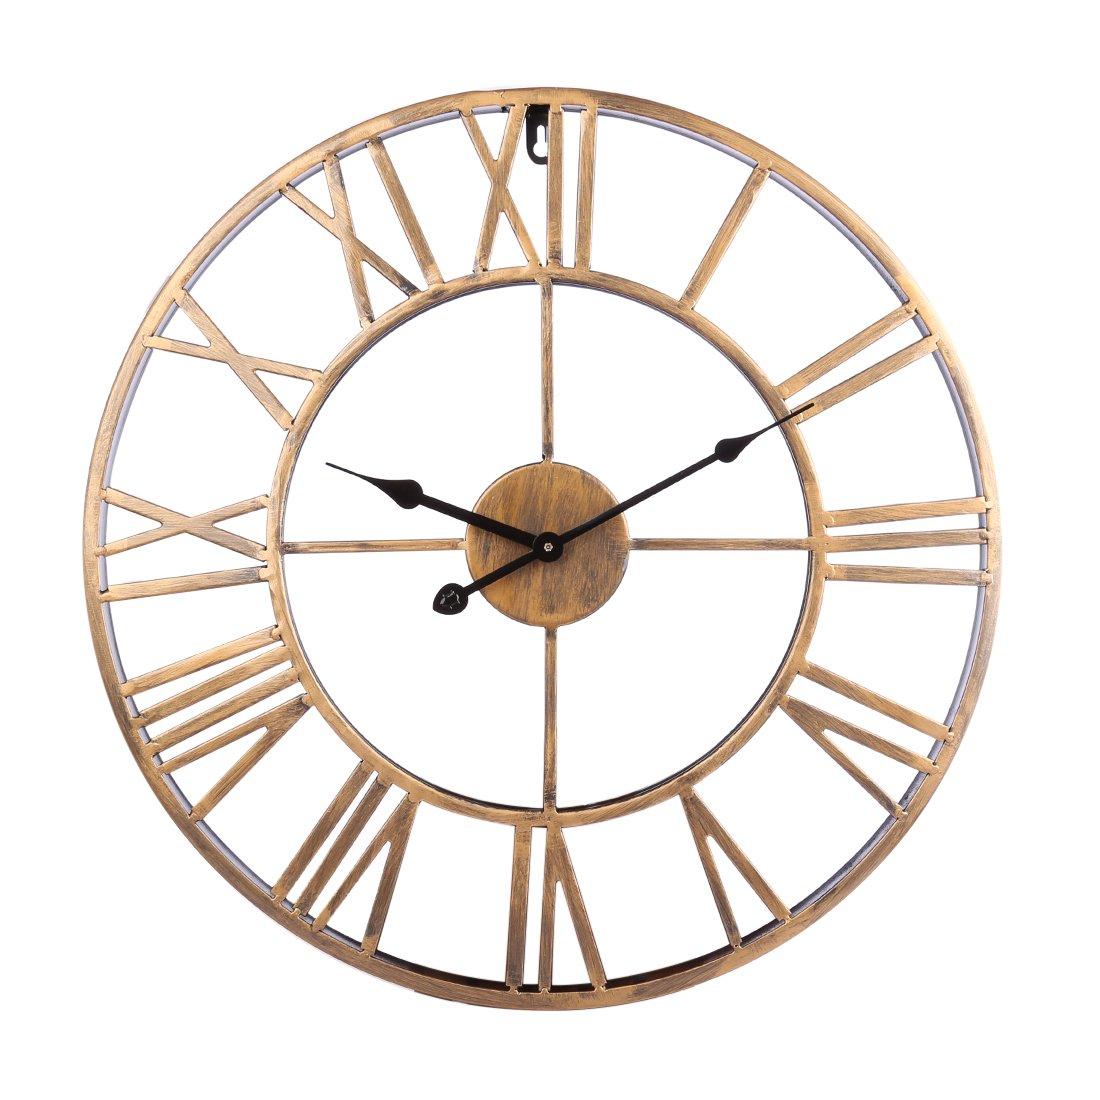 12che Horloge Murale Vintage Pendule Murales Industriel en Chiffres Romains  Exquis Murale pour Chambre Salon Bureau  Amazon.fr  Cuisine   Maison 74da2f2db213